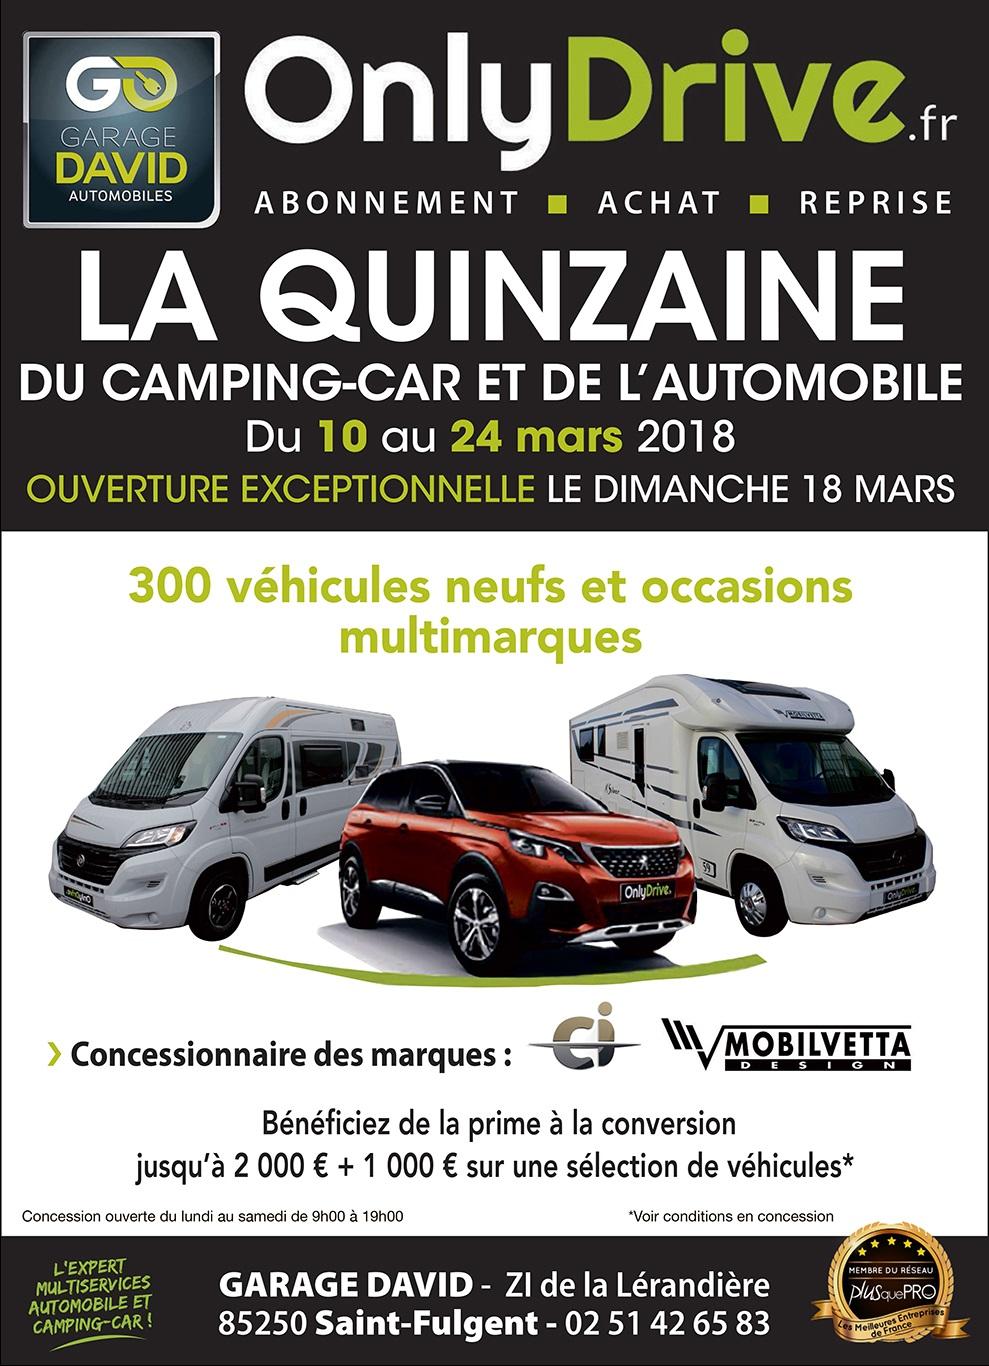 Le Garage David participe à la quinzaine du camping-car et de l'automobile qui se déroule du 10 au 24 mars 2018